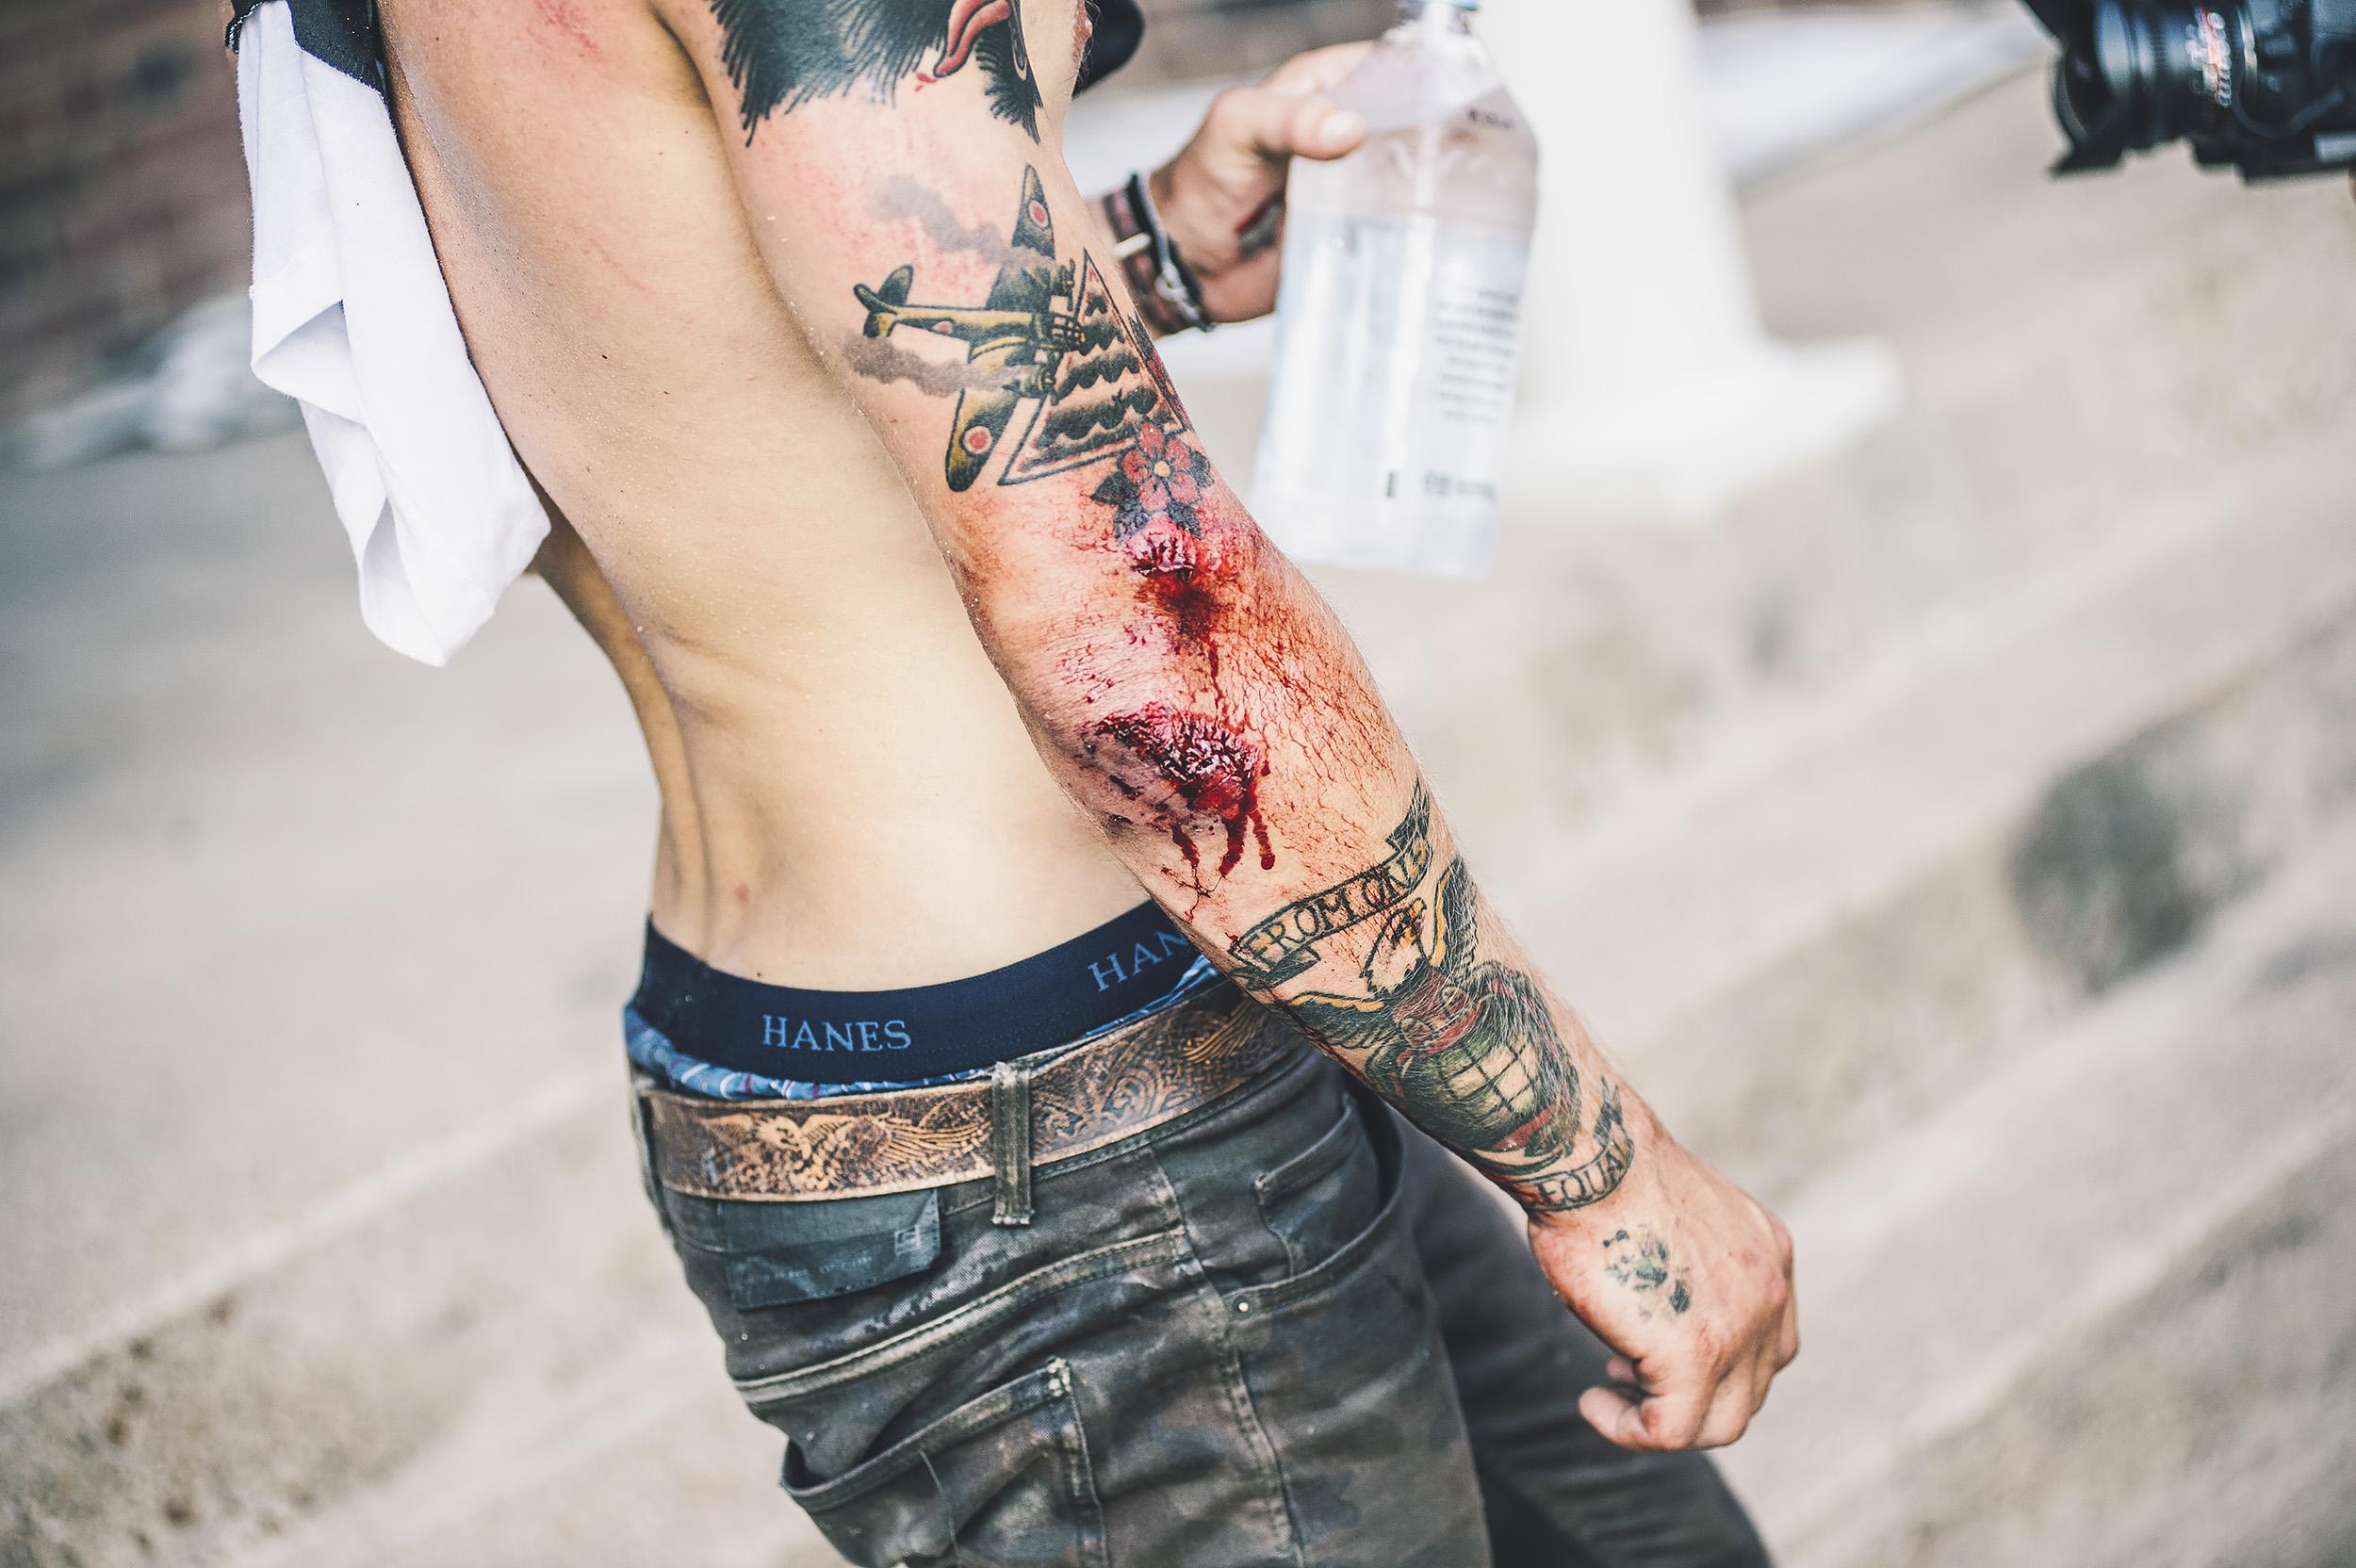 nathan arm blood.jpg